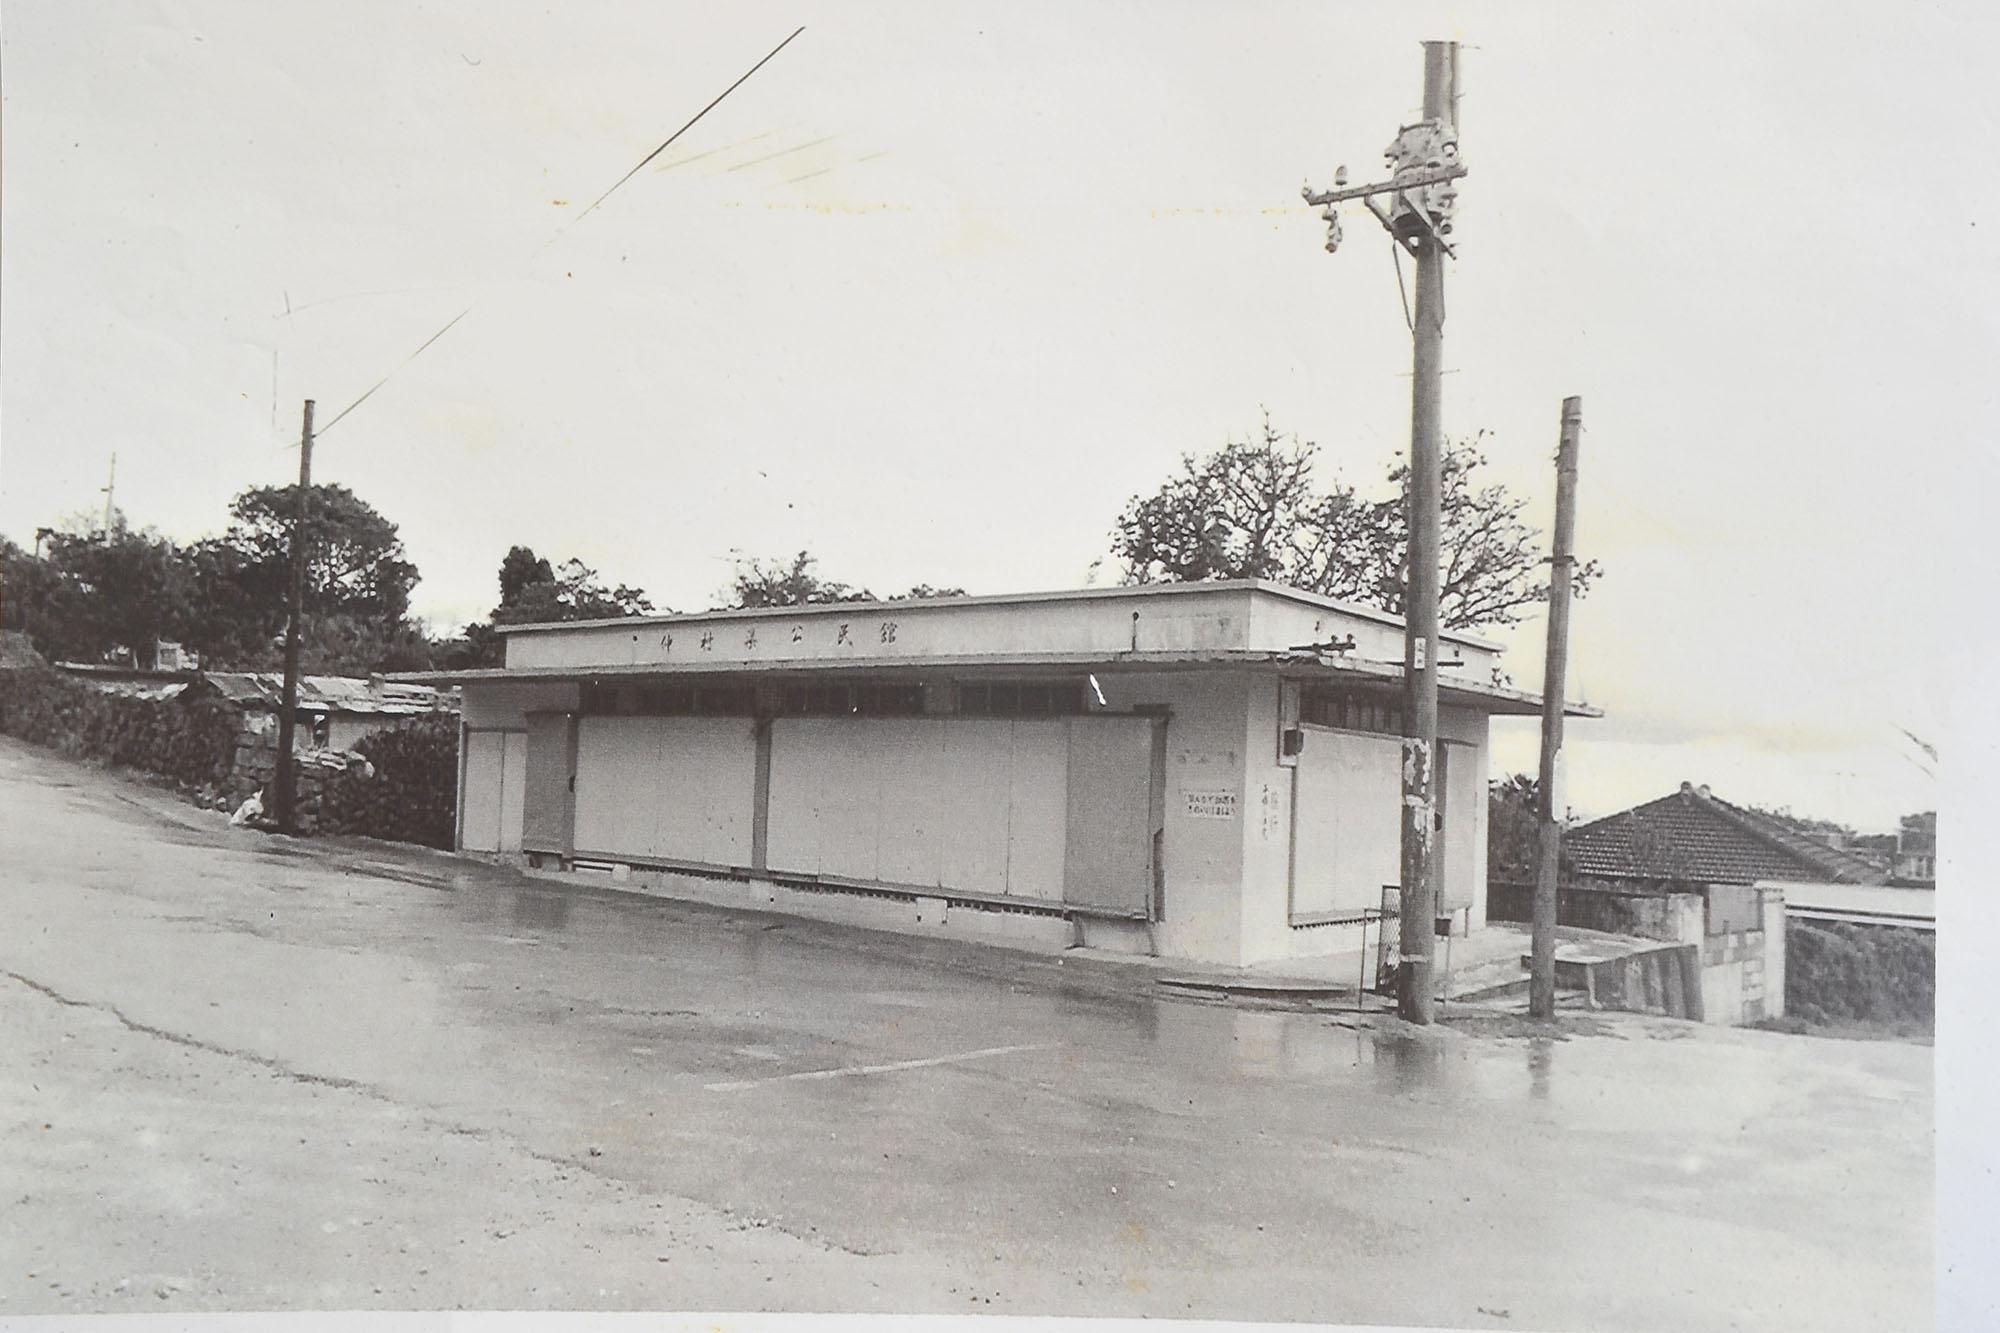 たくさんの地域行事が行われてきた仲村渠公民館と1960年代では珍しい風景写真 / 南城市 旧玉城村仲村渠|おきなわアーカイブ